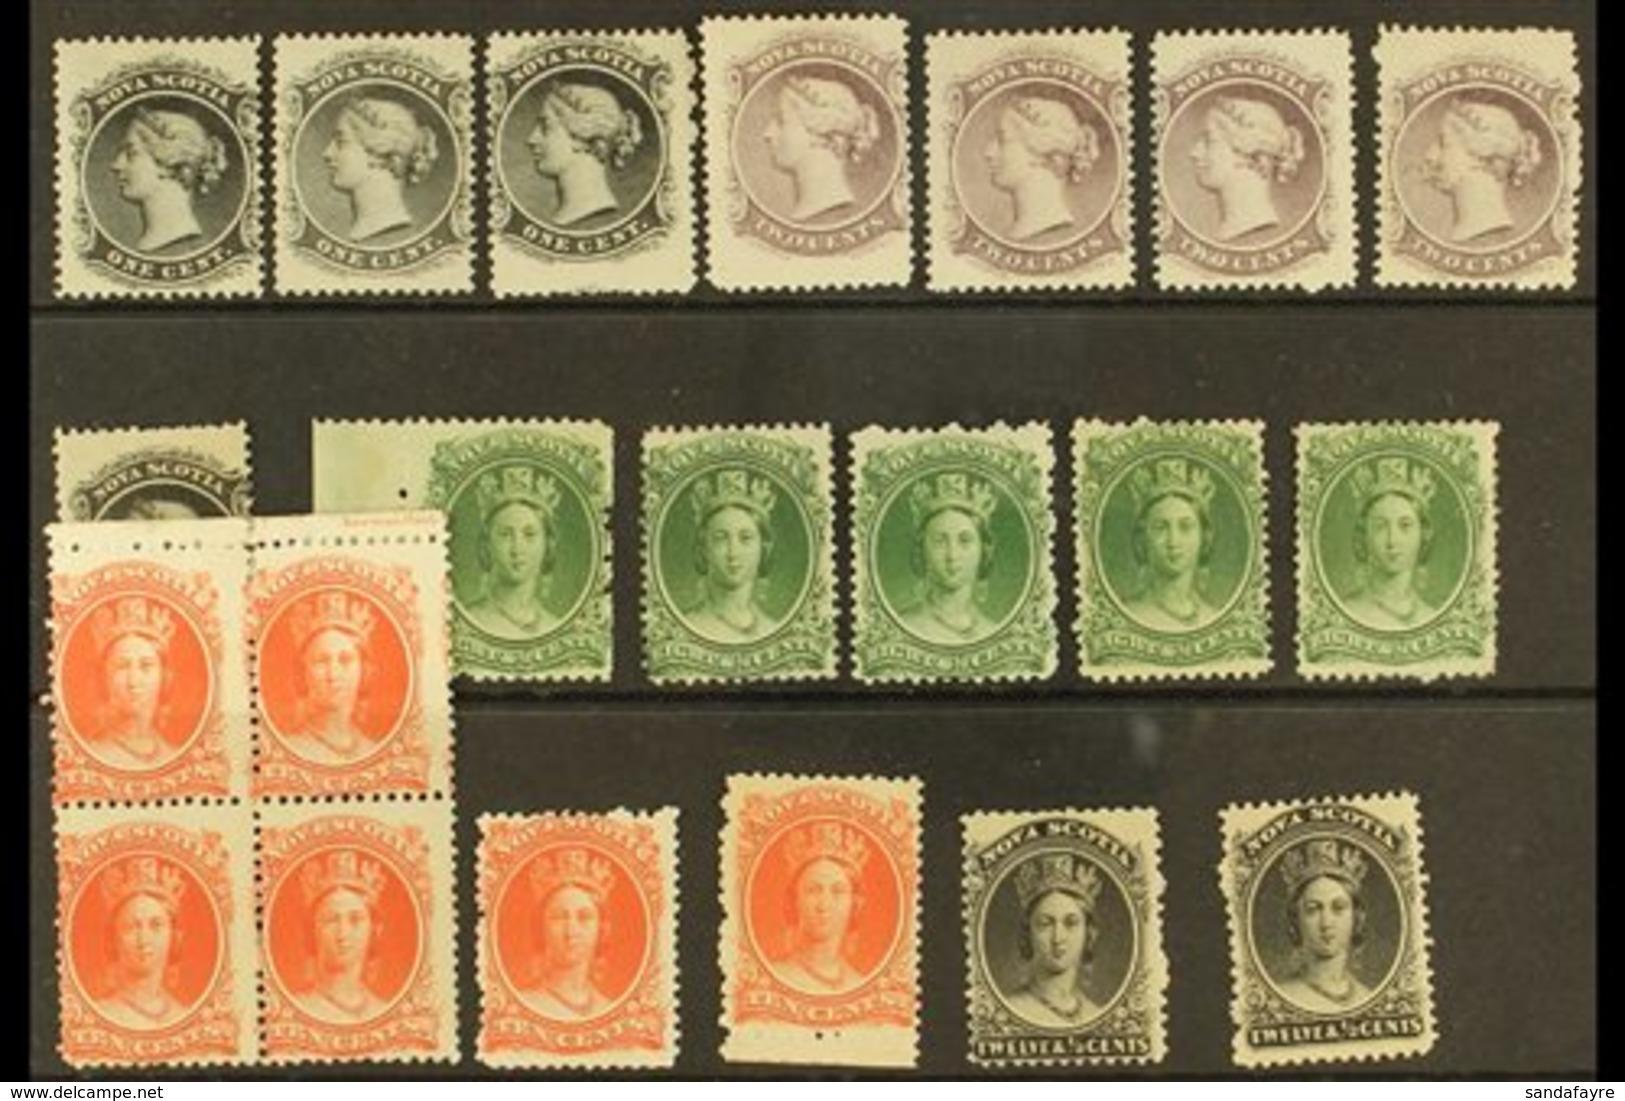 NOVA SCOTIA  1860 - 1863 Mint Selection With 1c (4), 2c Shades (4), 8½c Green Shades (5), 10c (6 Incl Block Of 4) And 12 - Nova Scotia